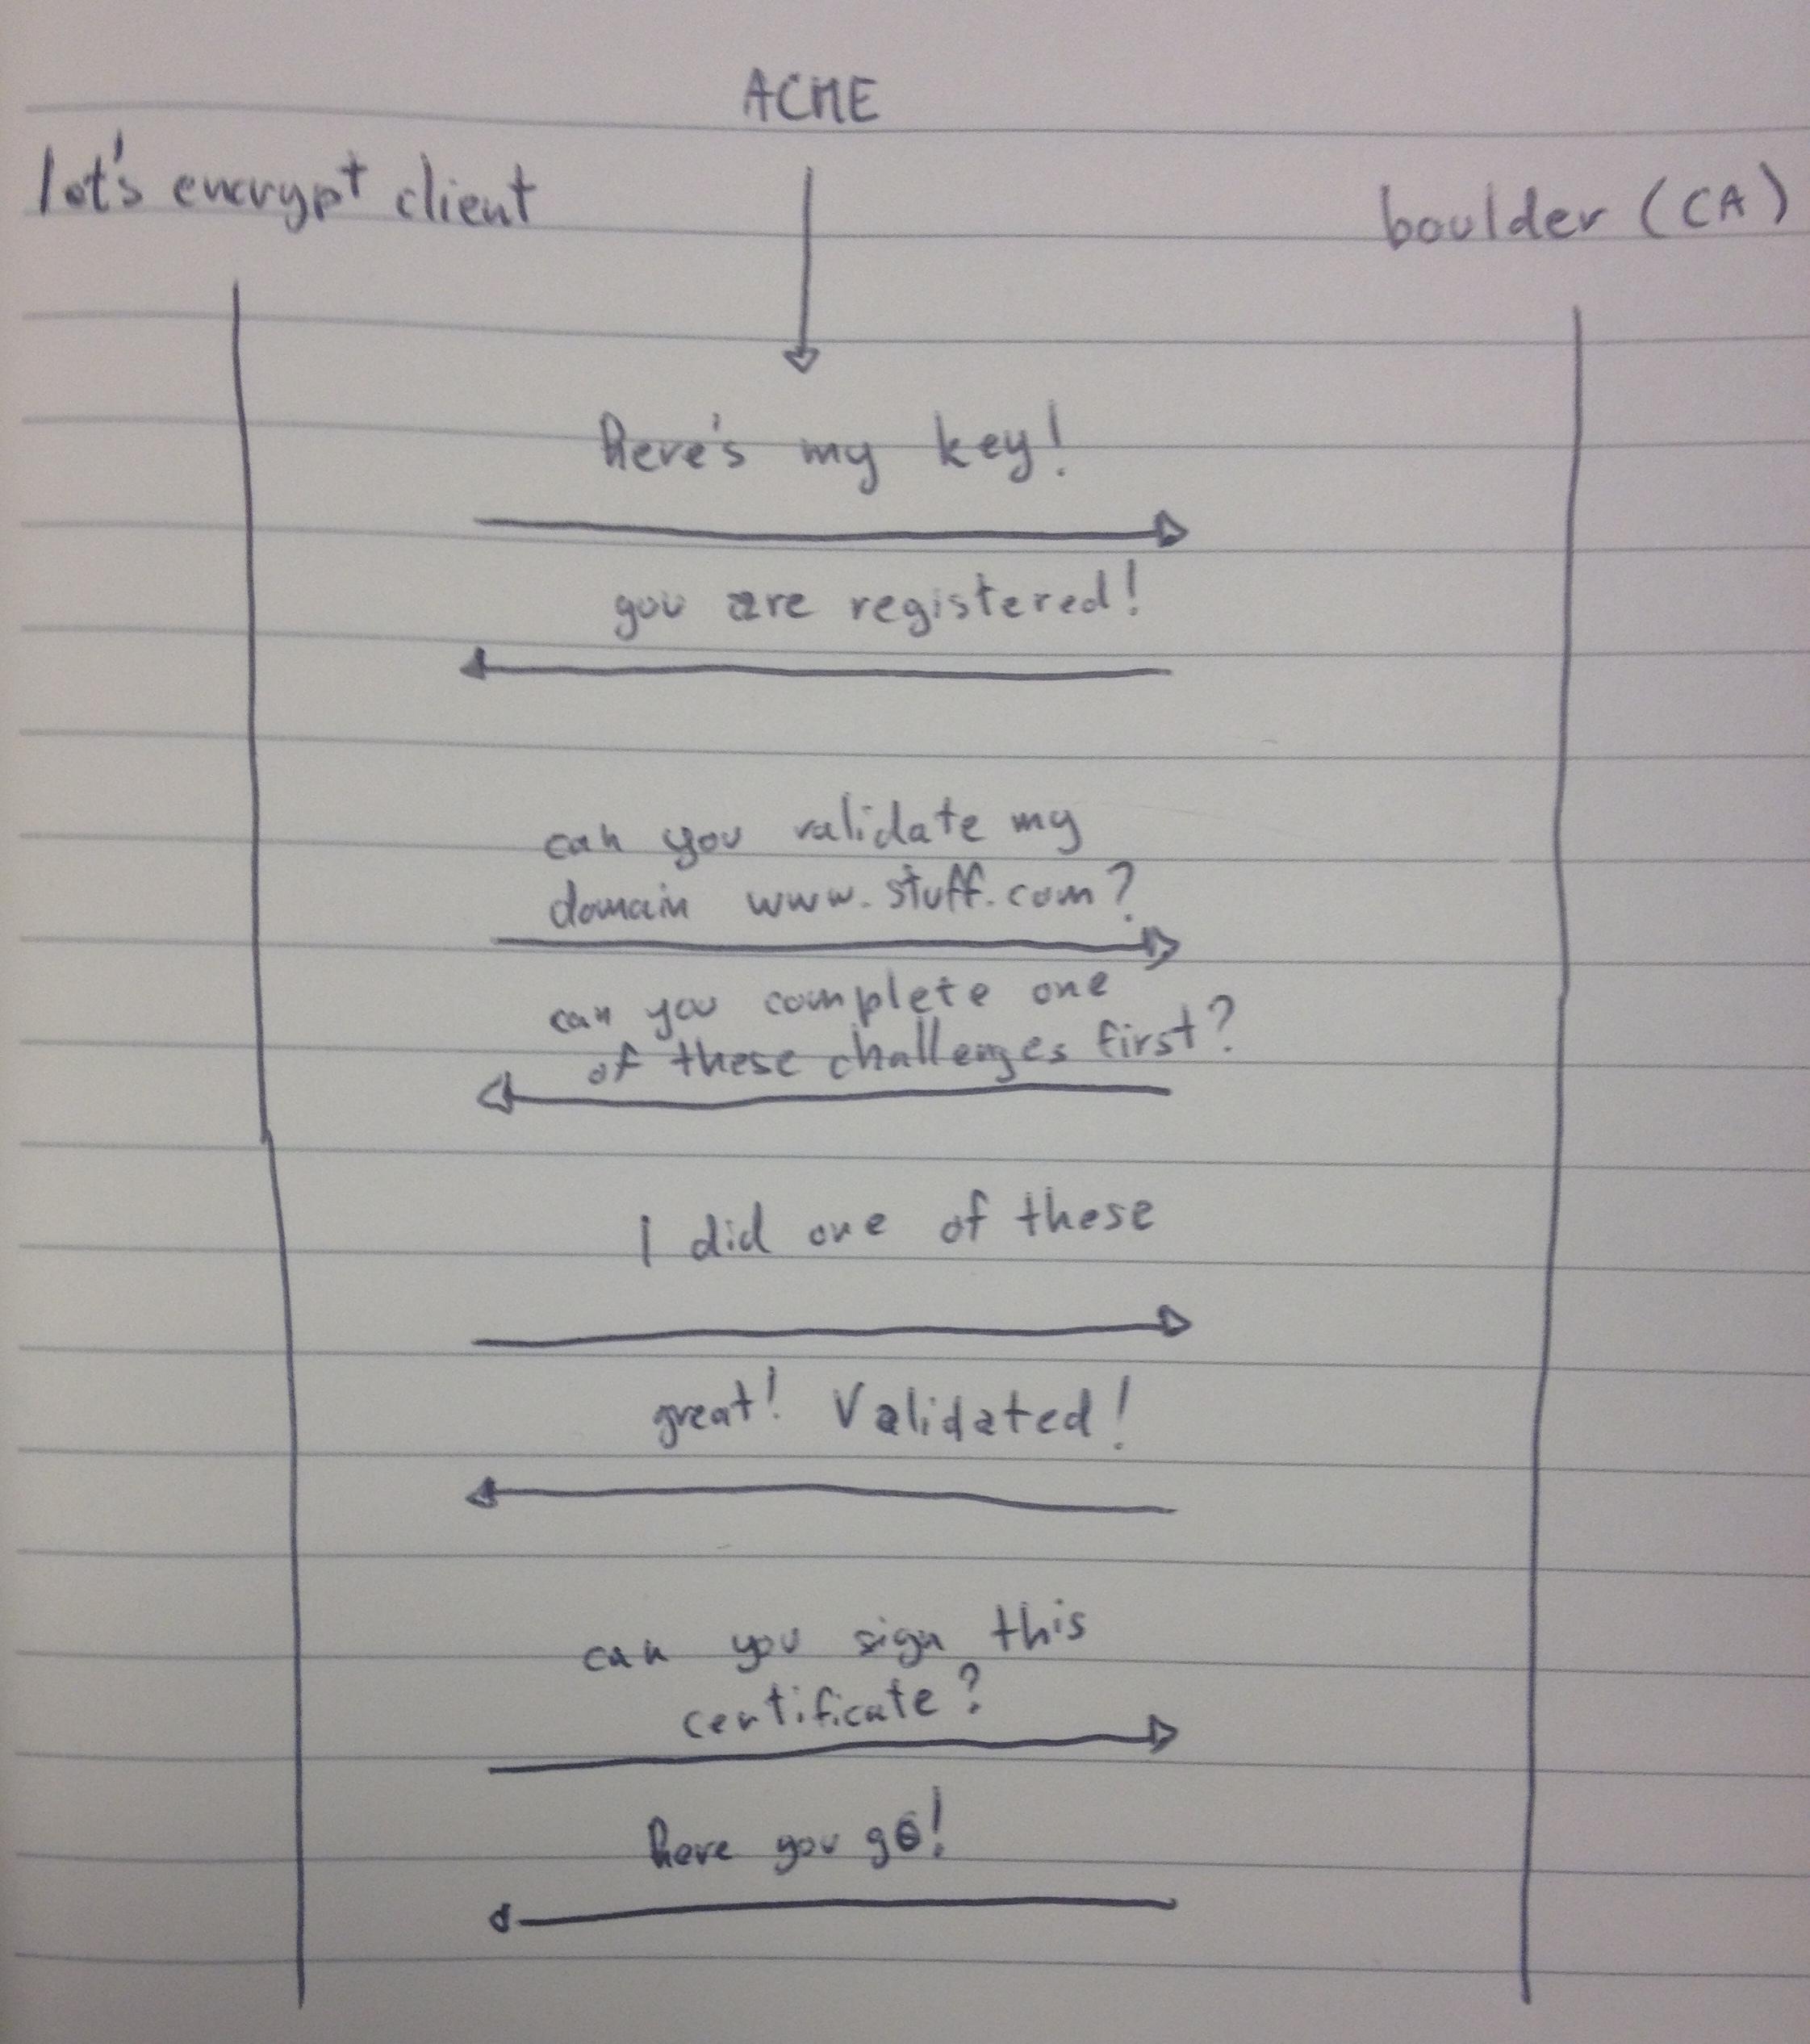 ACME Cryptologie